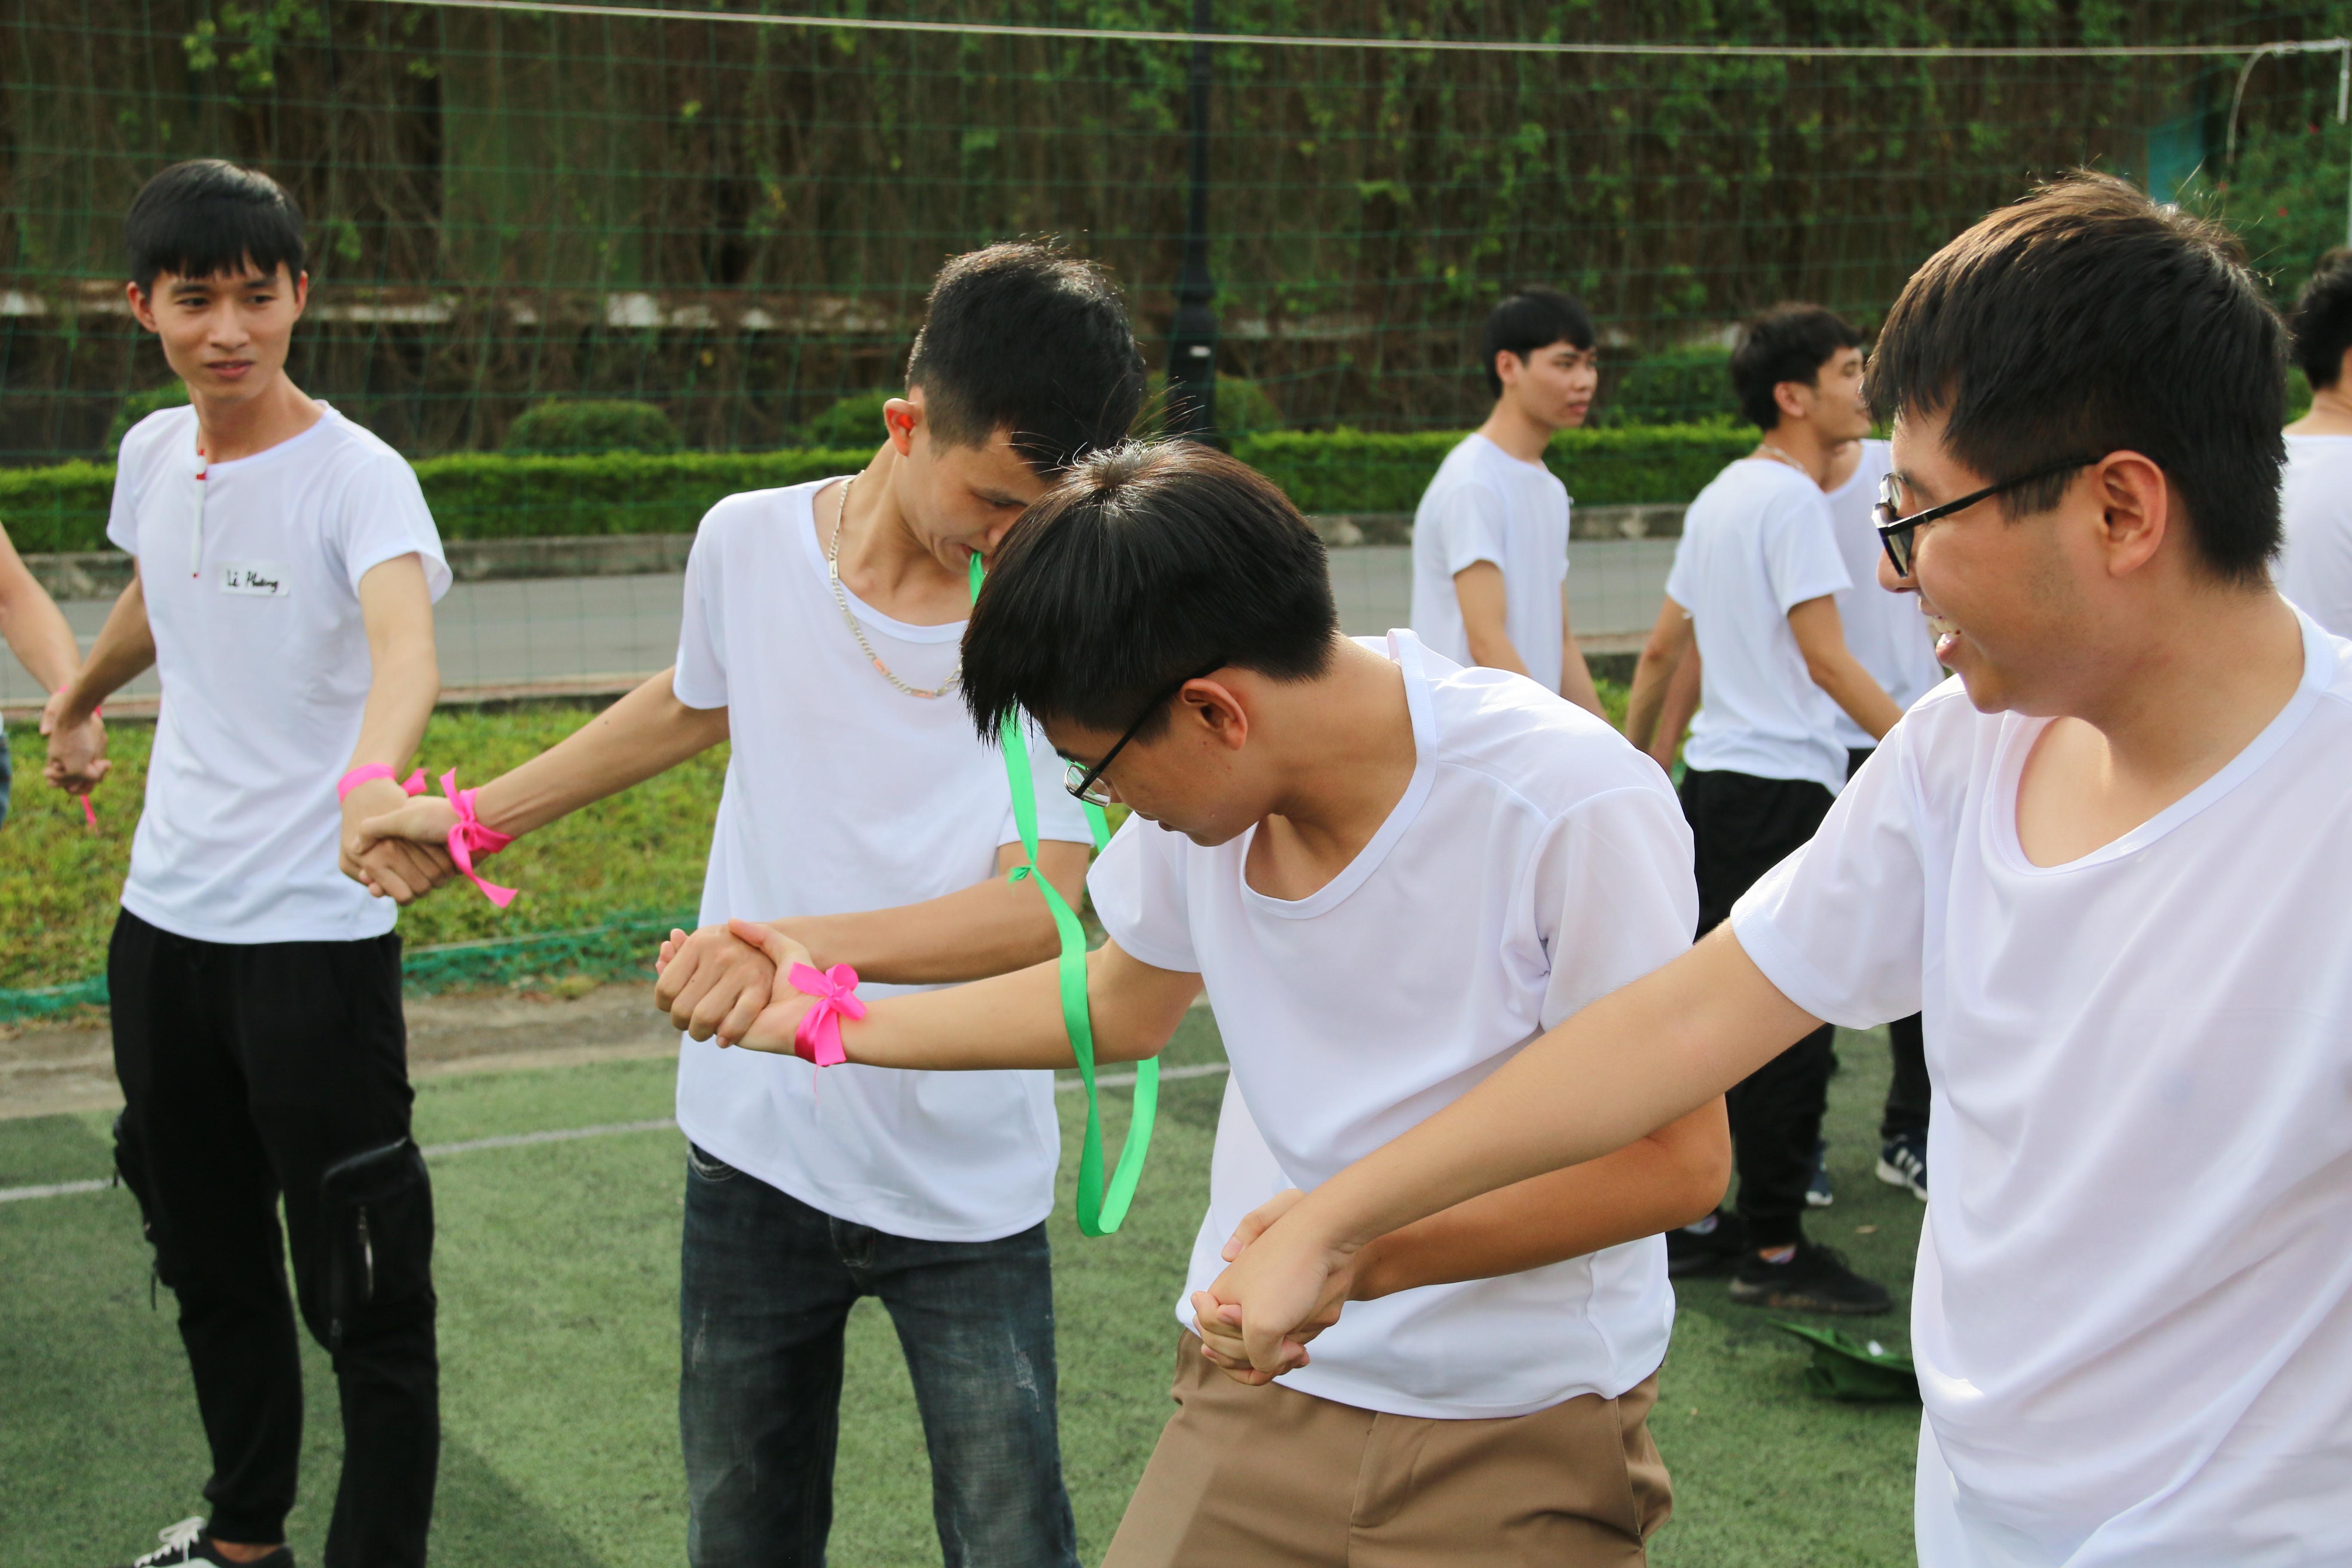 Trò chơi khởi động đó là 'Chuyền dây' 14 đội được phát dây đã được thắt hình tròn. Các thành viên trong đội nắm tay nhau tạo thành hình chữ U, sử dụng chân và miệng để chuyển dây. Đội nào nhanh nhất sẽ di chuyển đến các điểm chơi và thử thách mới.